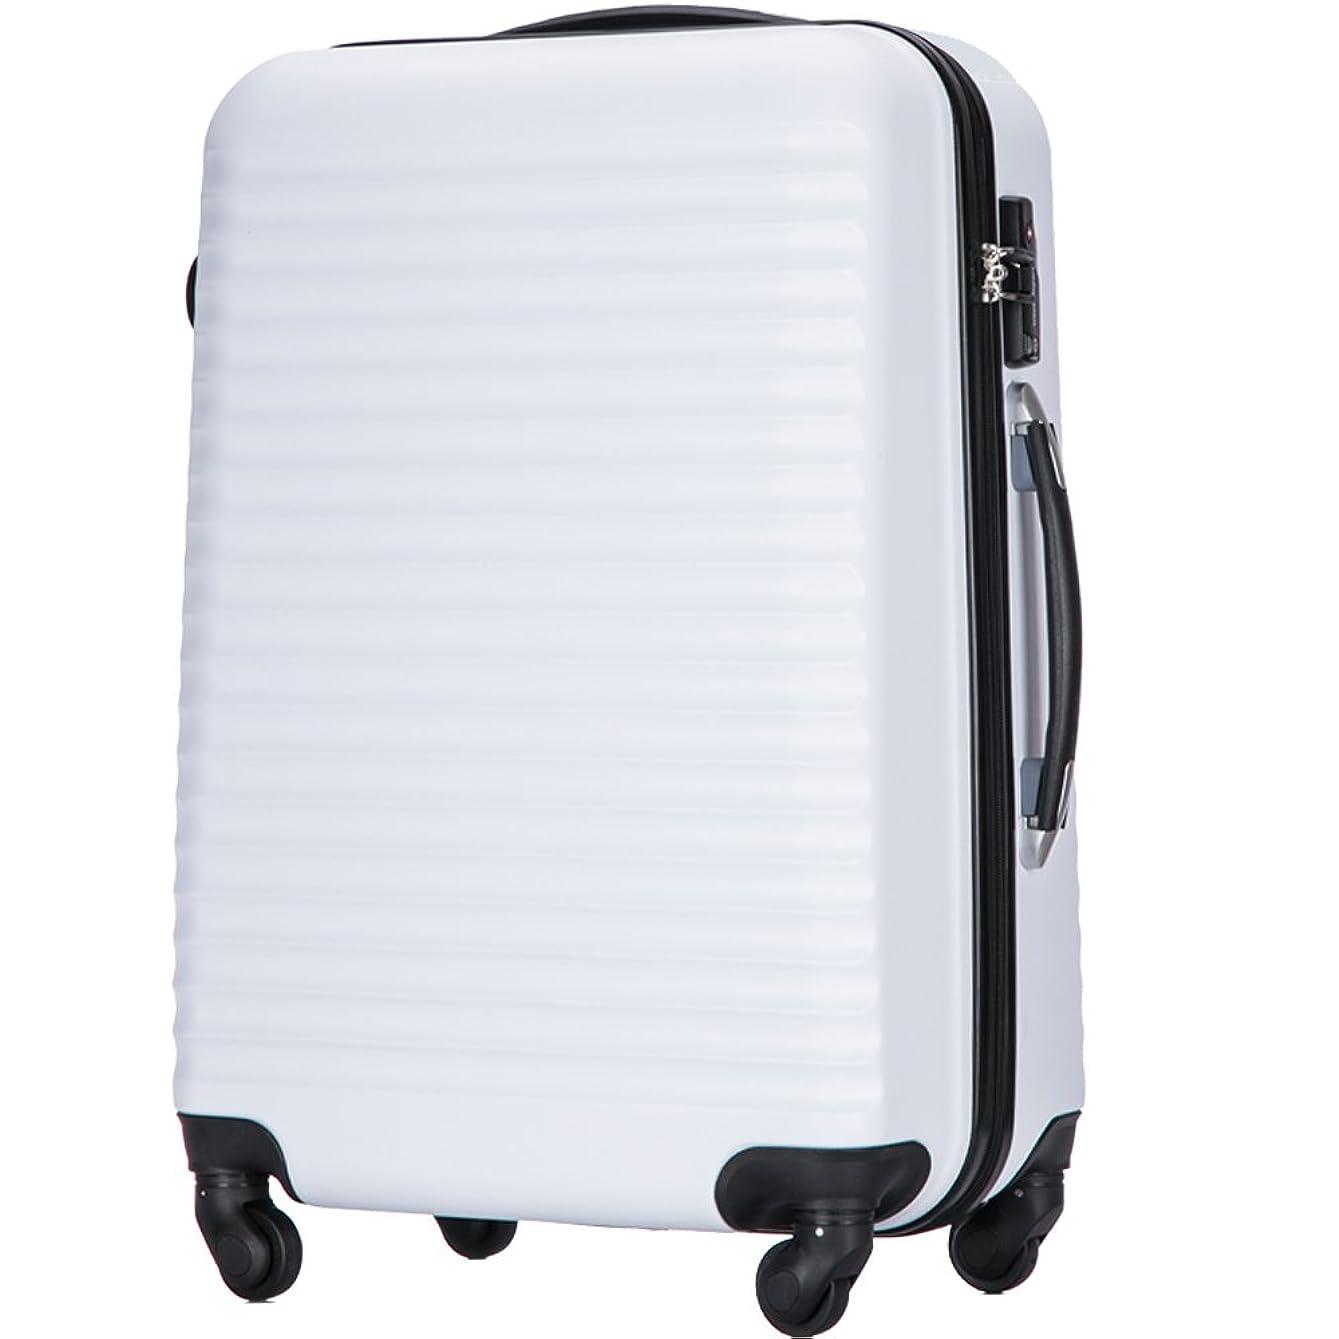 市区町村好戦的なニックネーム(トラベルデパート) 超軽量スーツケース TSAロック付 ボーダー柄